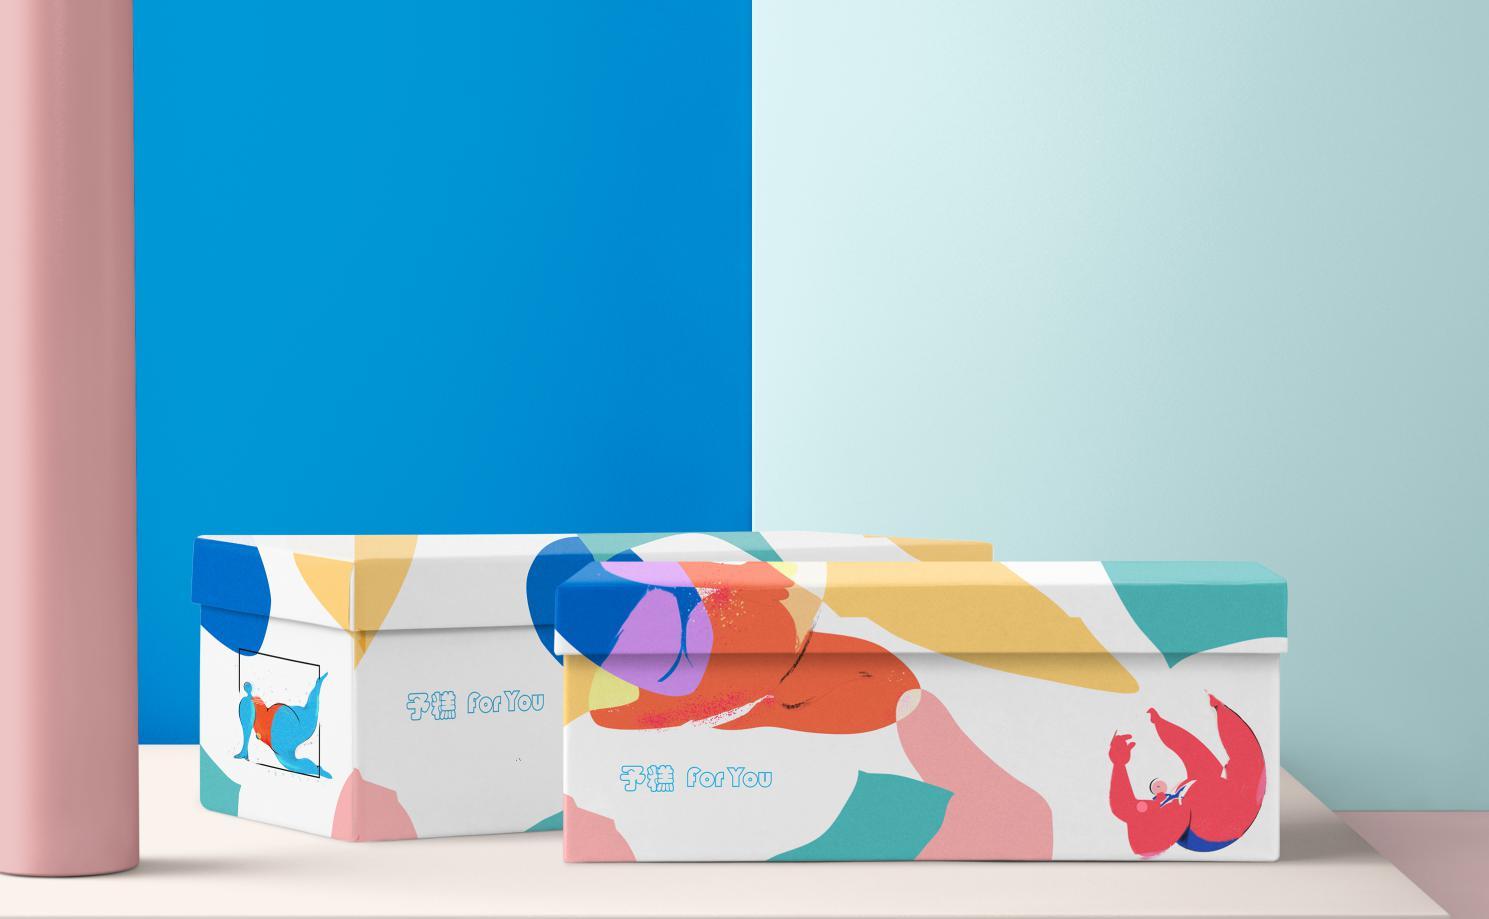 分析纸箱包装的模切压痕工艺是什么?